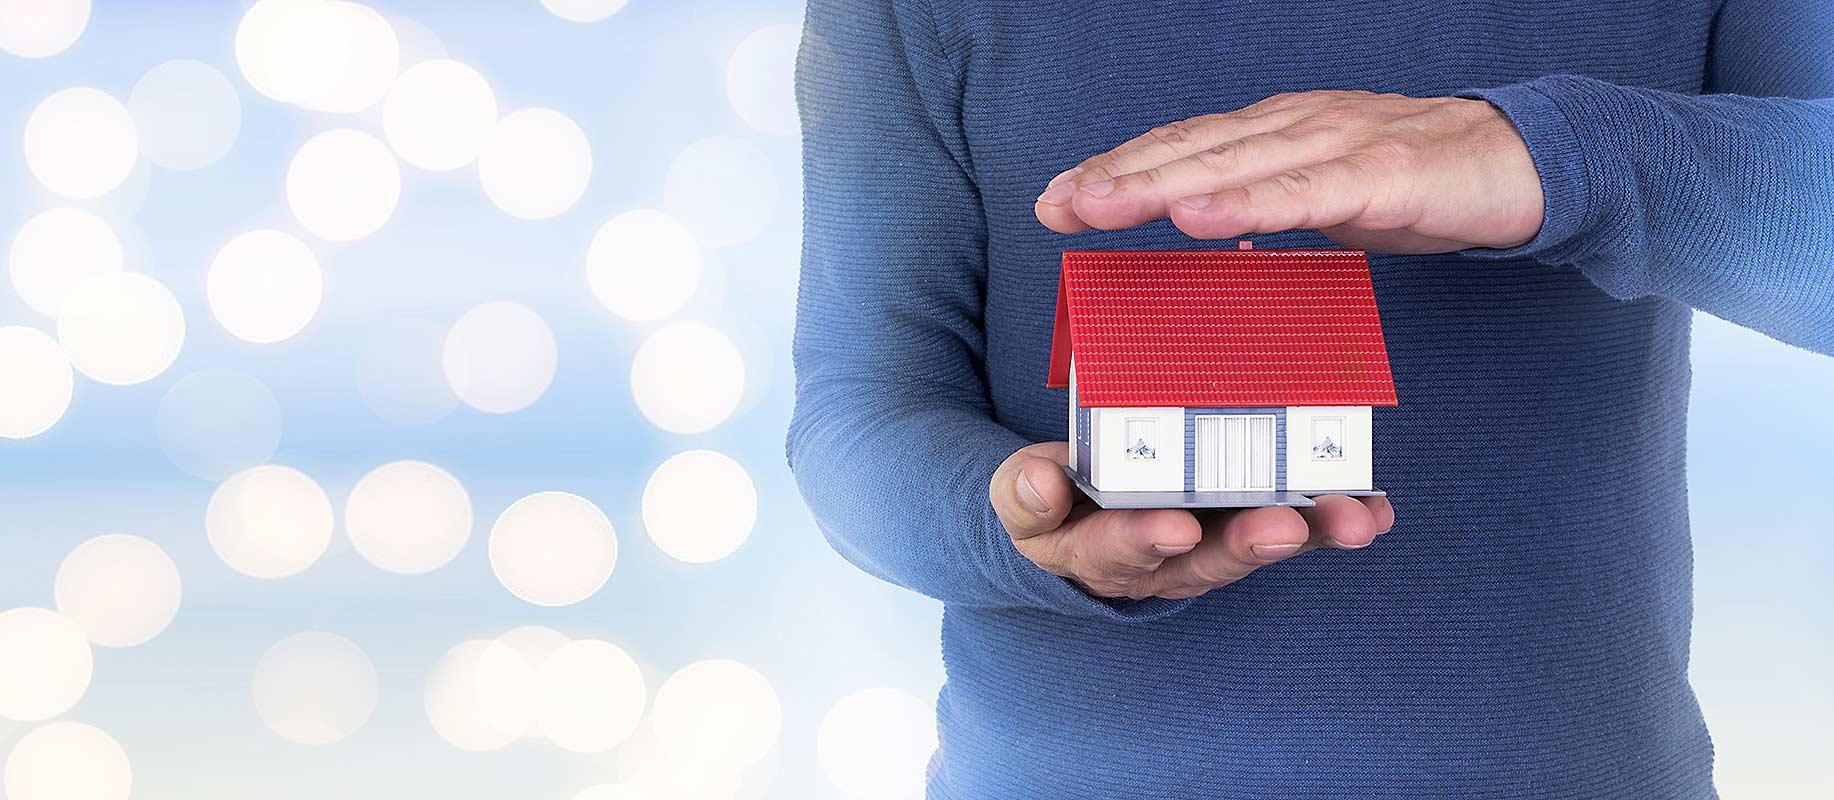 Assurance habitation : une légère hausse prévue en 2020